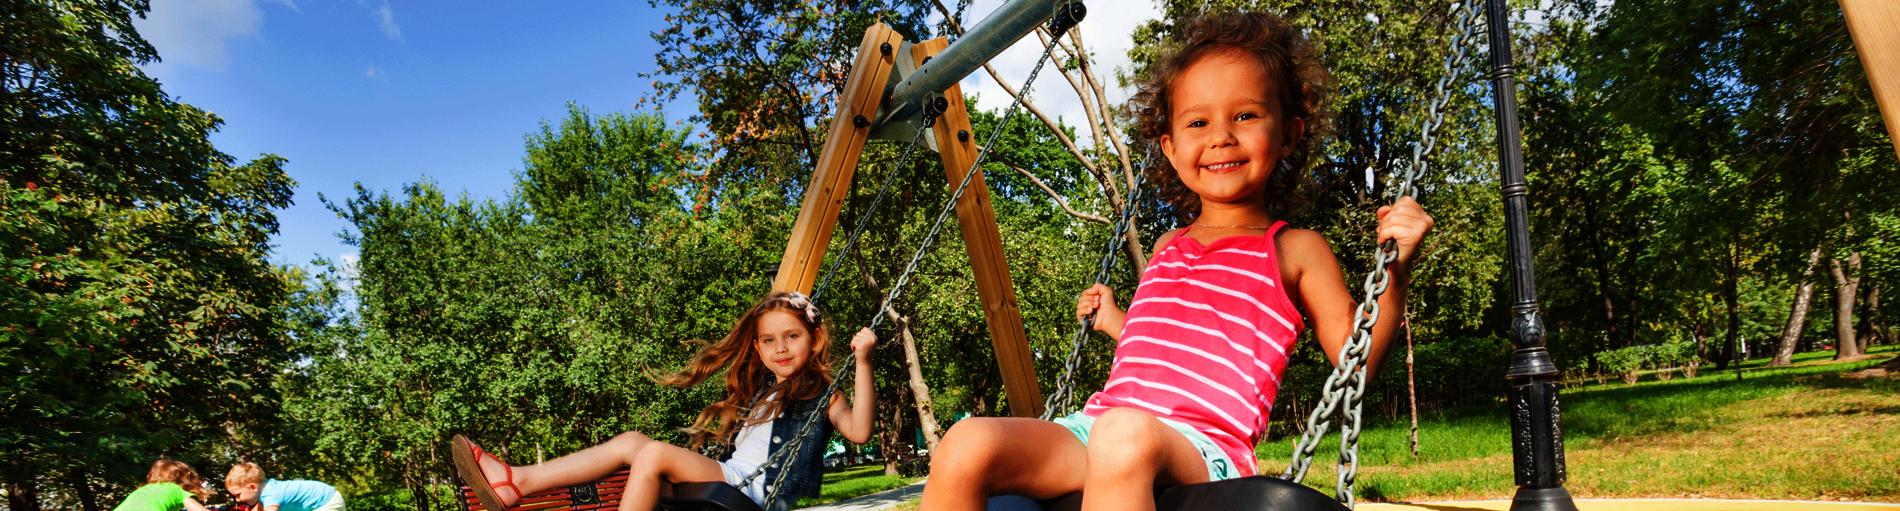 Zwei Mädchen schaukeln auf einem Spielplatz